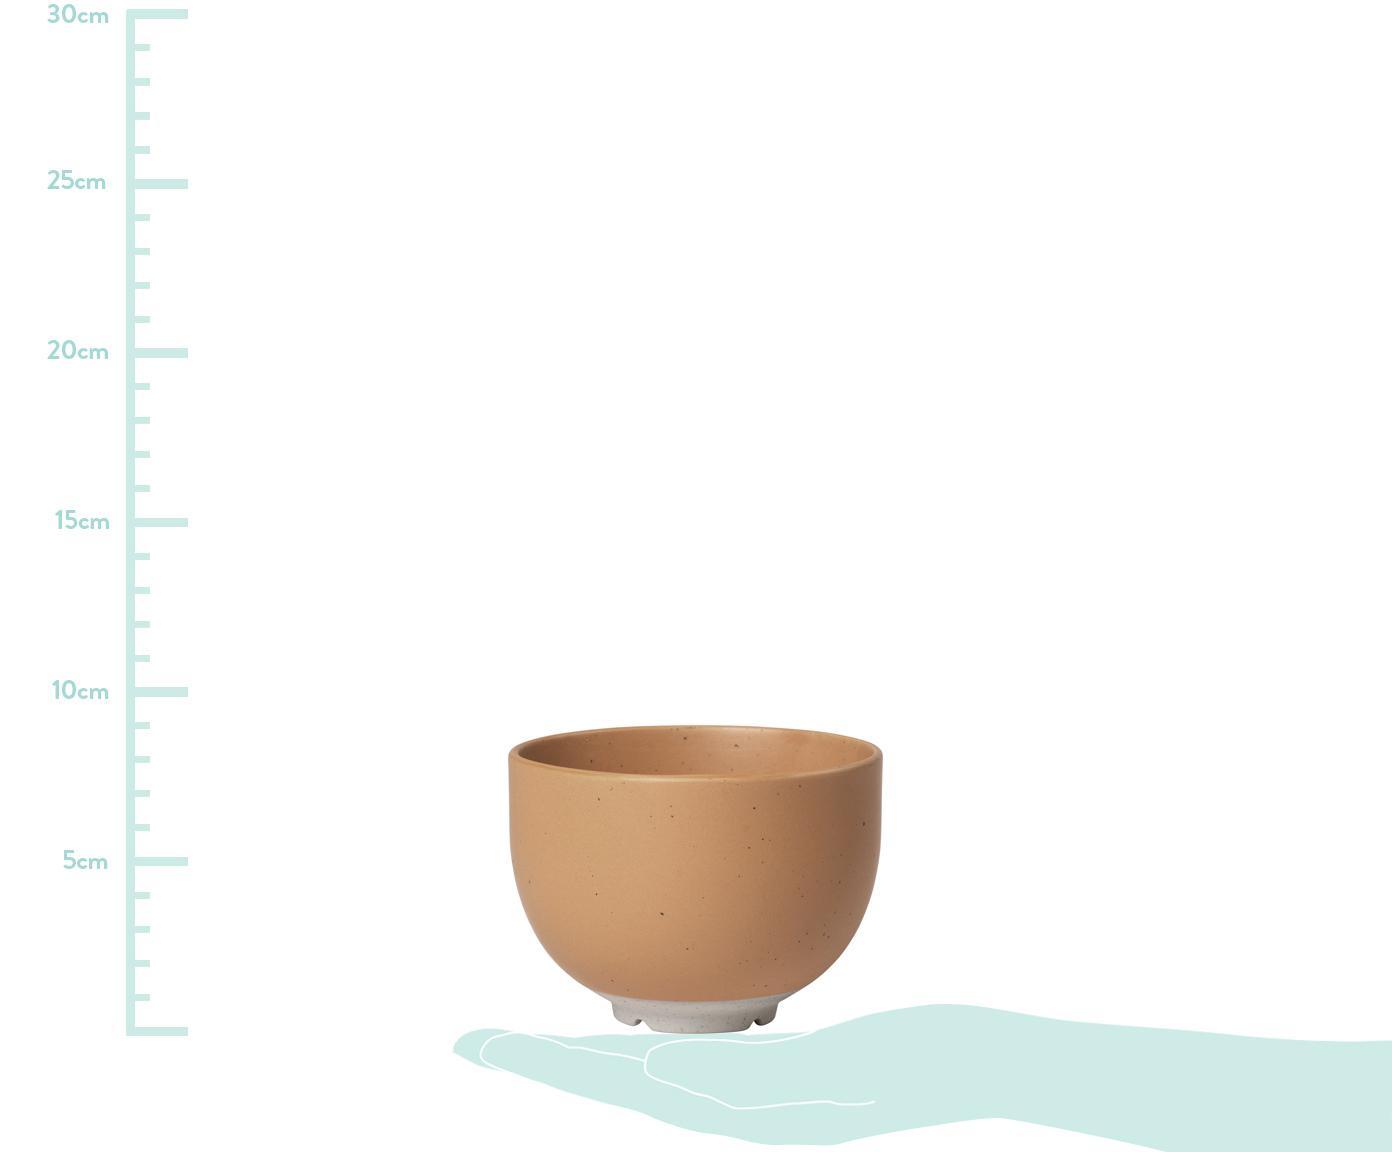 Steingut-Schälchen Eli mit mattem Finish, 4 Stück, Steingut, Hellbraun, Beige, Ø 11 cm